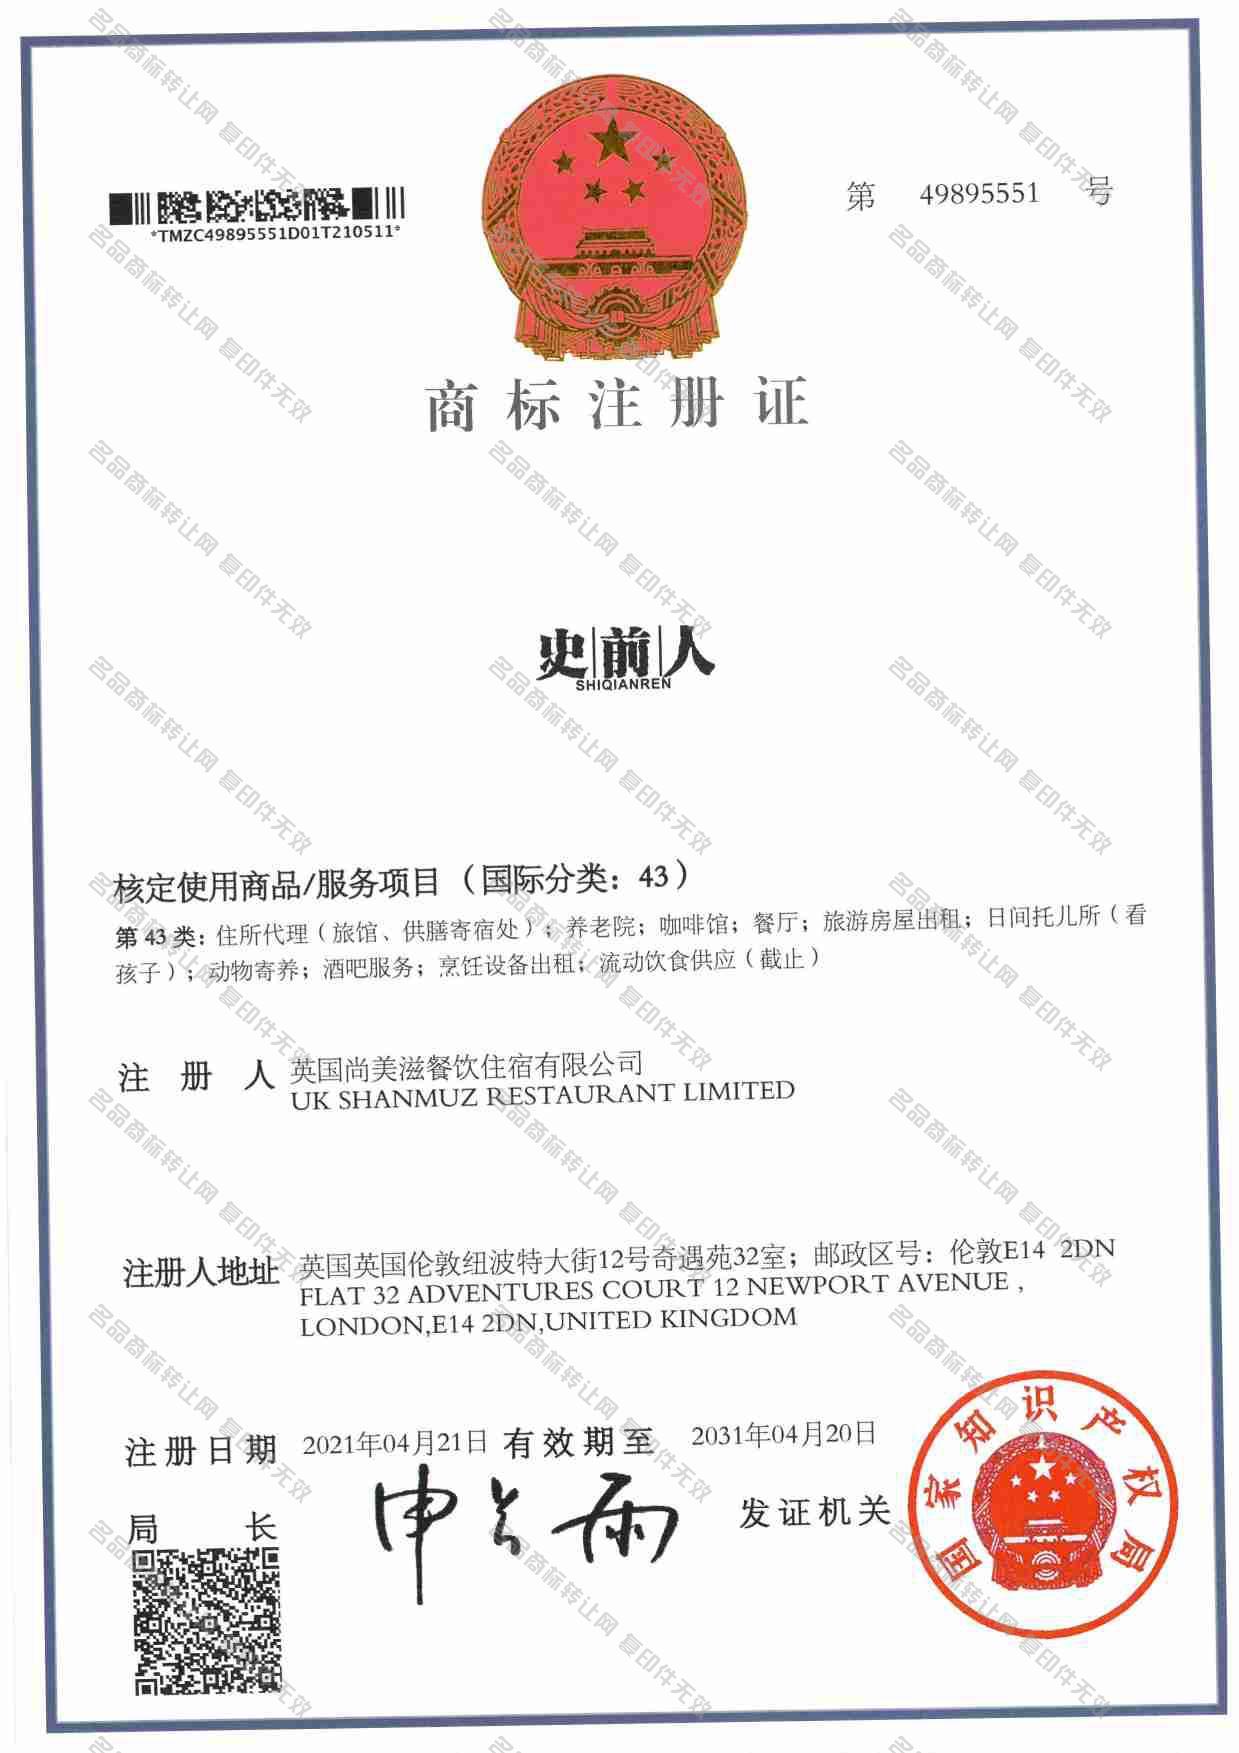 史前人注册证